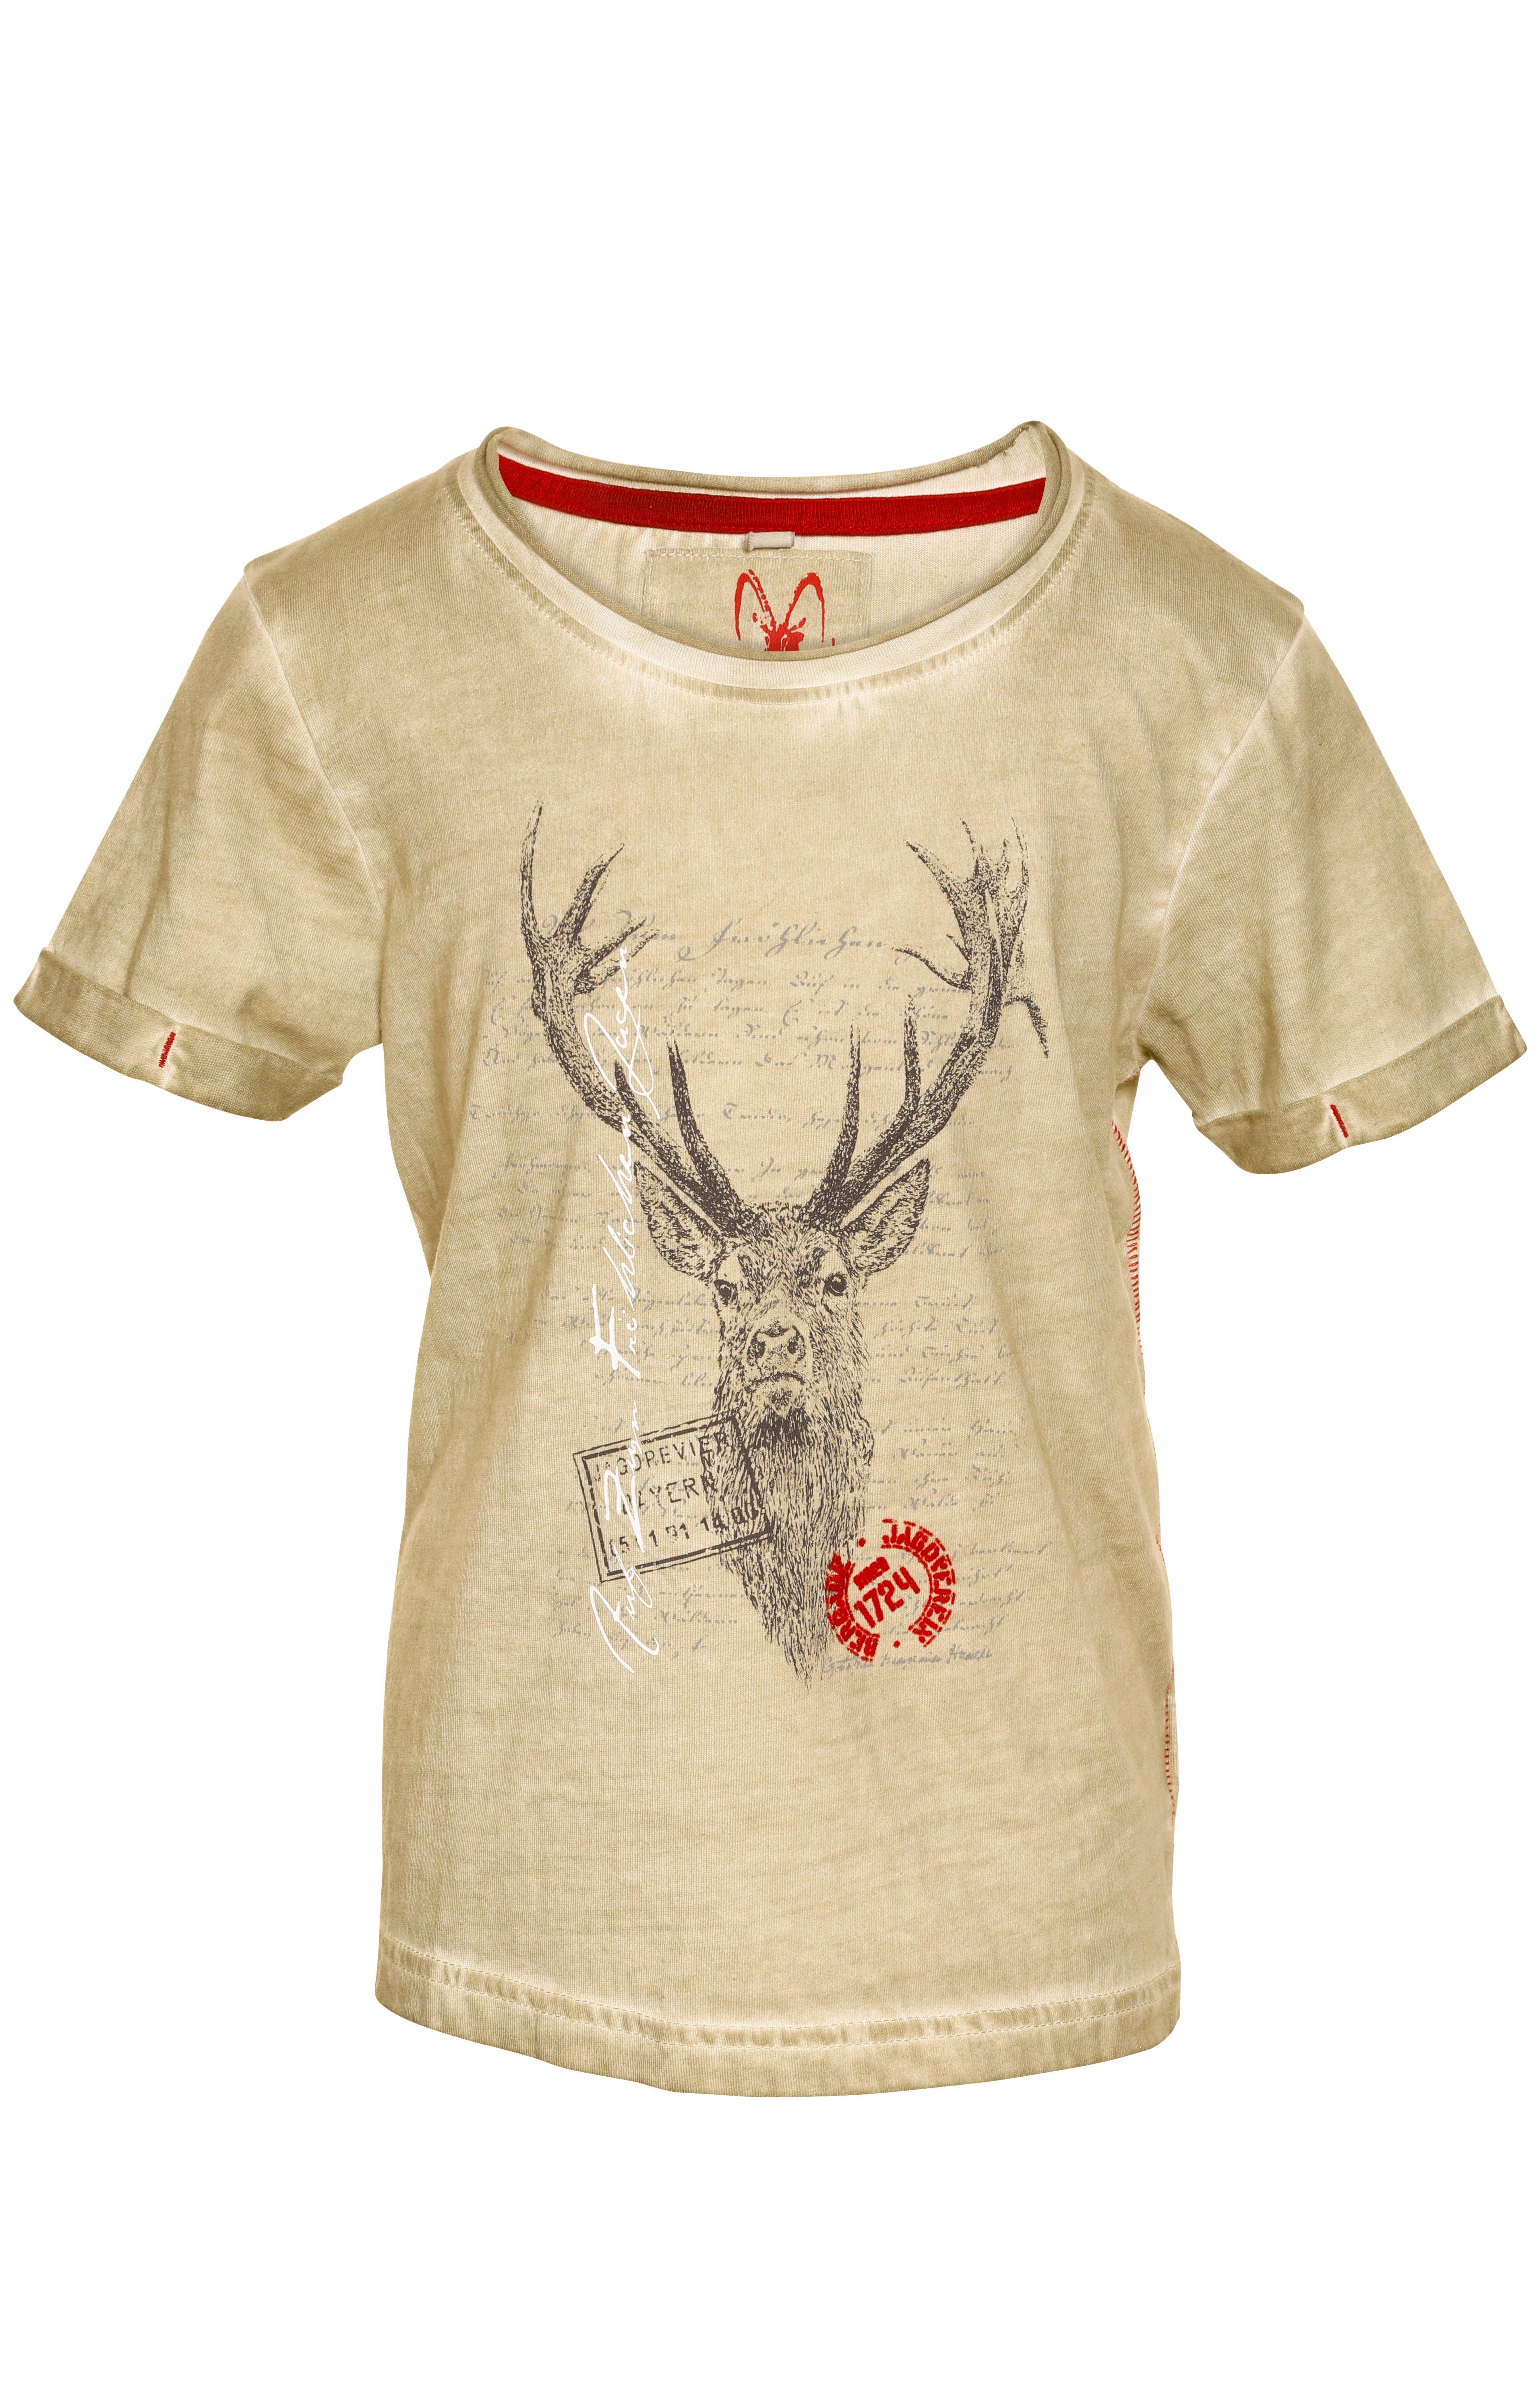 weitere Bilder von Trachten Kinder T-Shirt M04 JAGDLIED KIDS beige